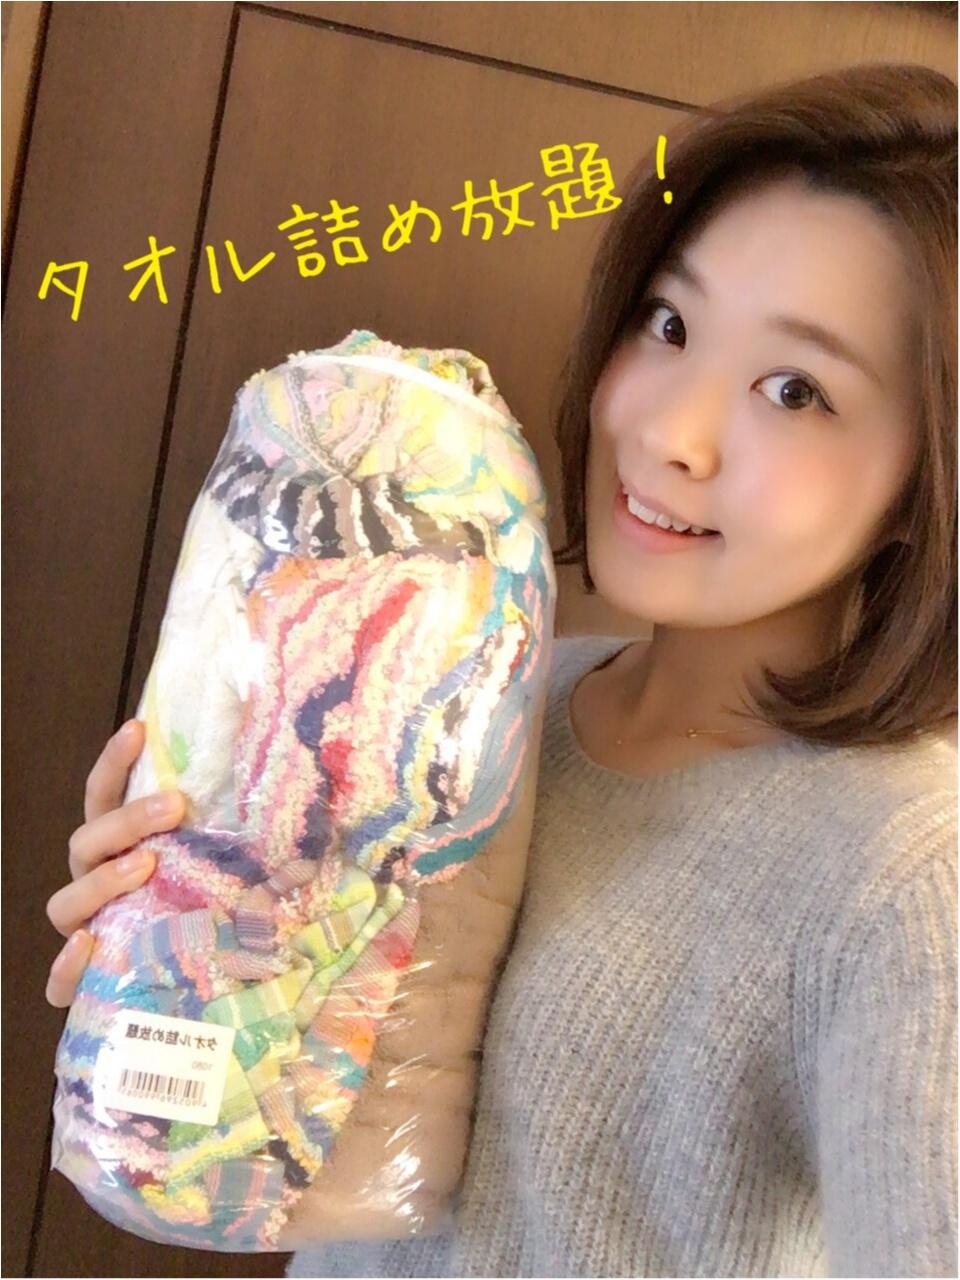 AEONの初売りへGO!!《タオル詰め放題》でなななんと…………◯◯円!!!!_3